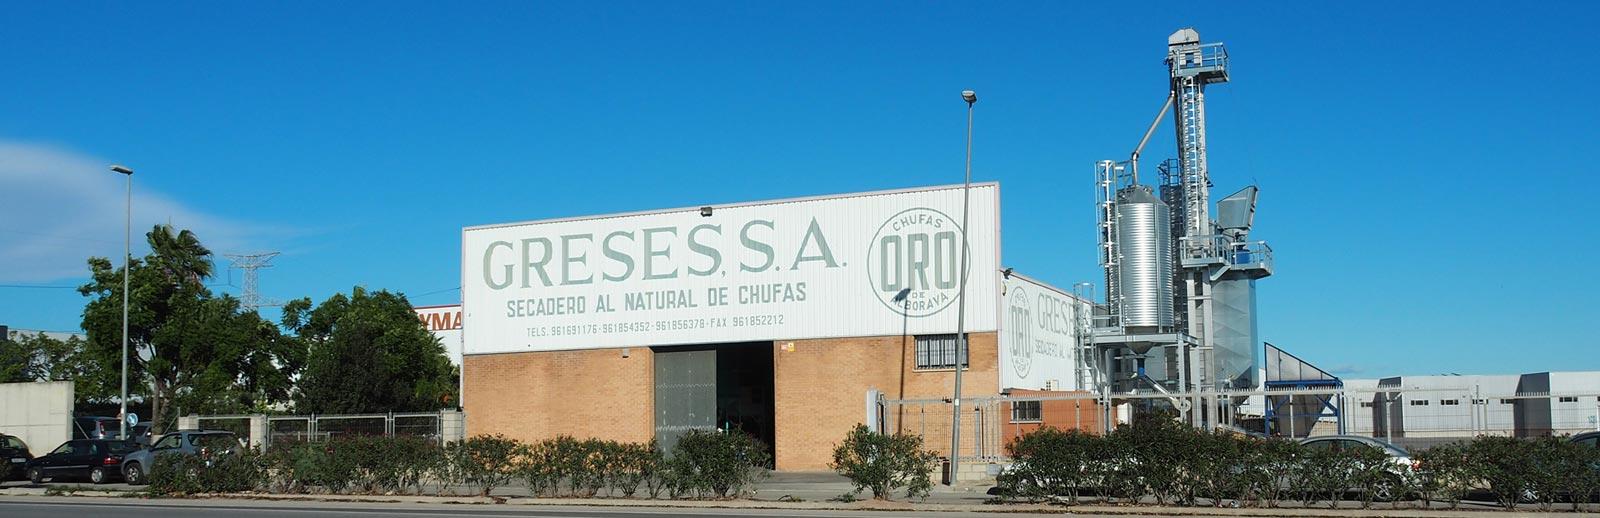 Empresa Greses